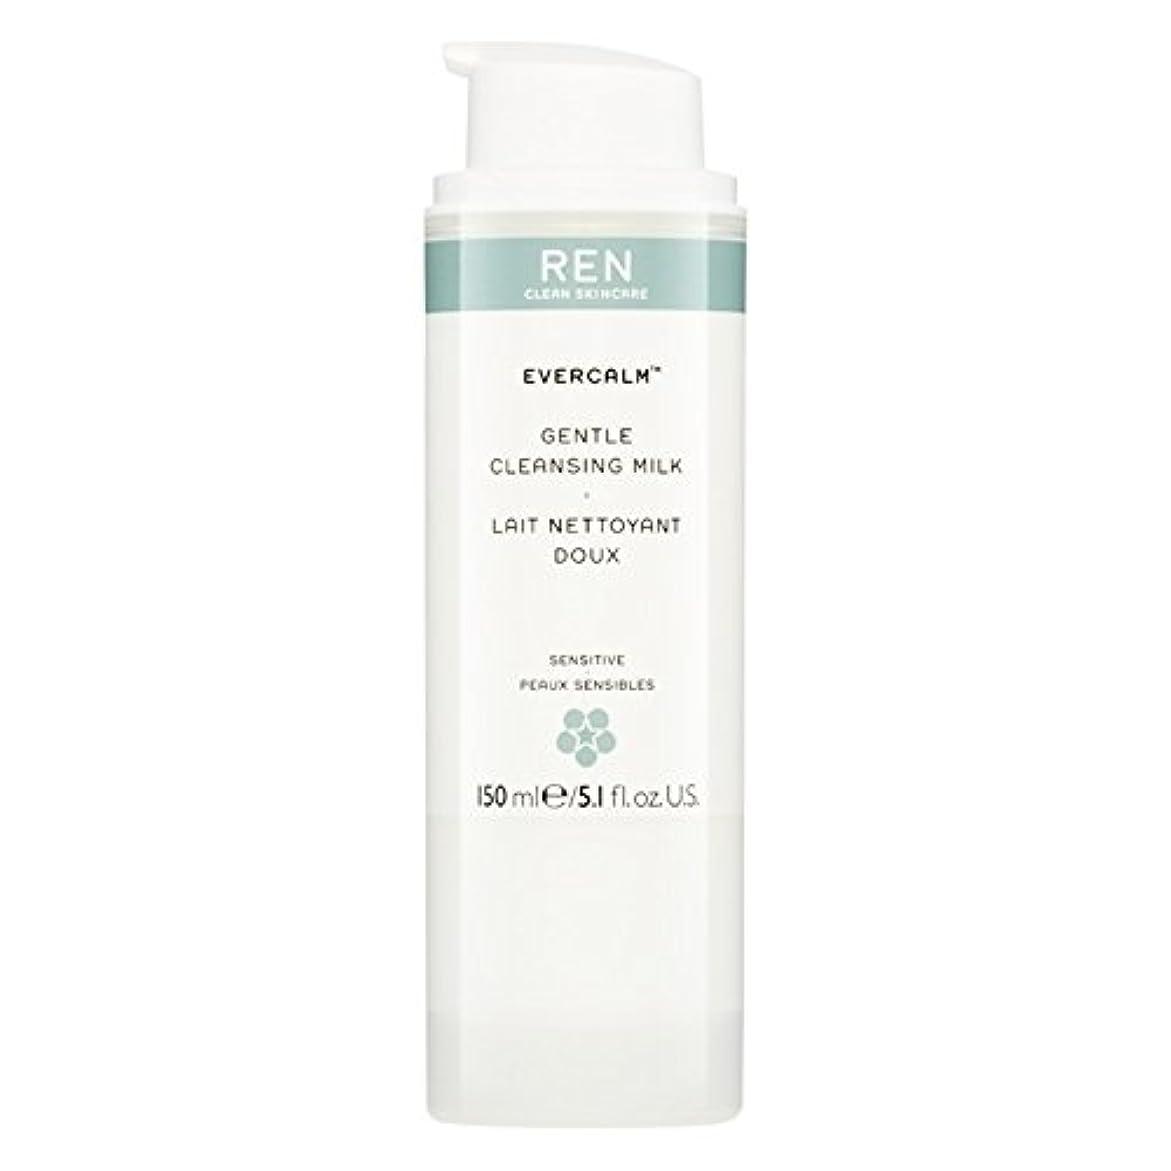 番目内向き買収Ren Evercalm優しいクレンジングミルク、150ミリリットル (REN) (x2) - REN Evercalm Gentle Cleansing Milk, 150ml (Pack of 2) [並行輸入品]